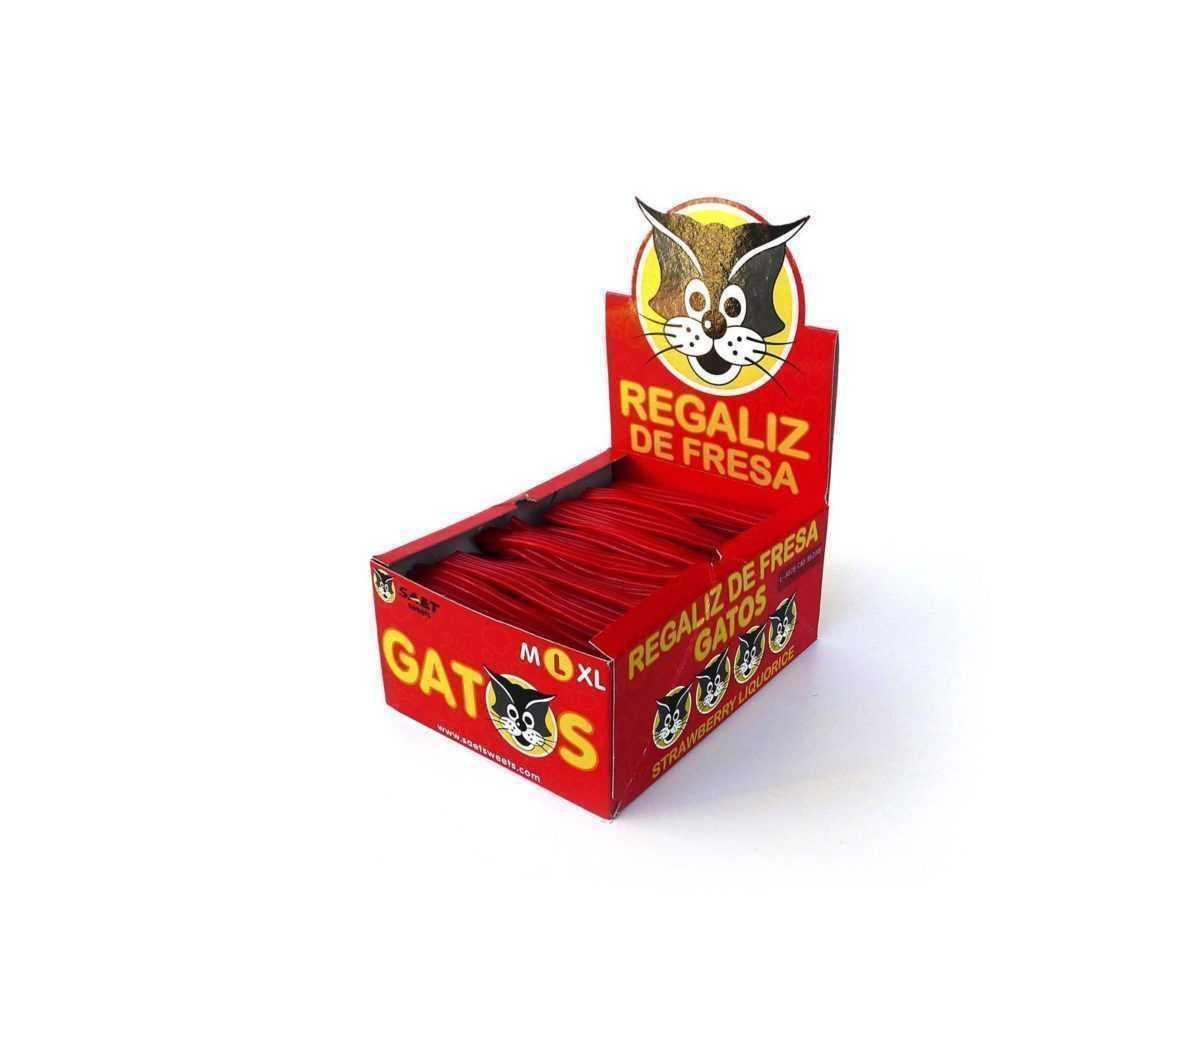 Expositor de barritos de regaliz Gatos de fresa L